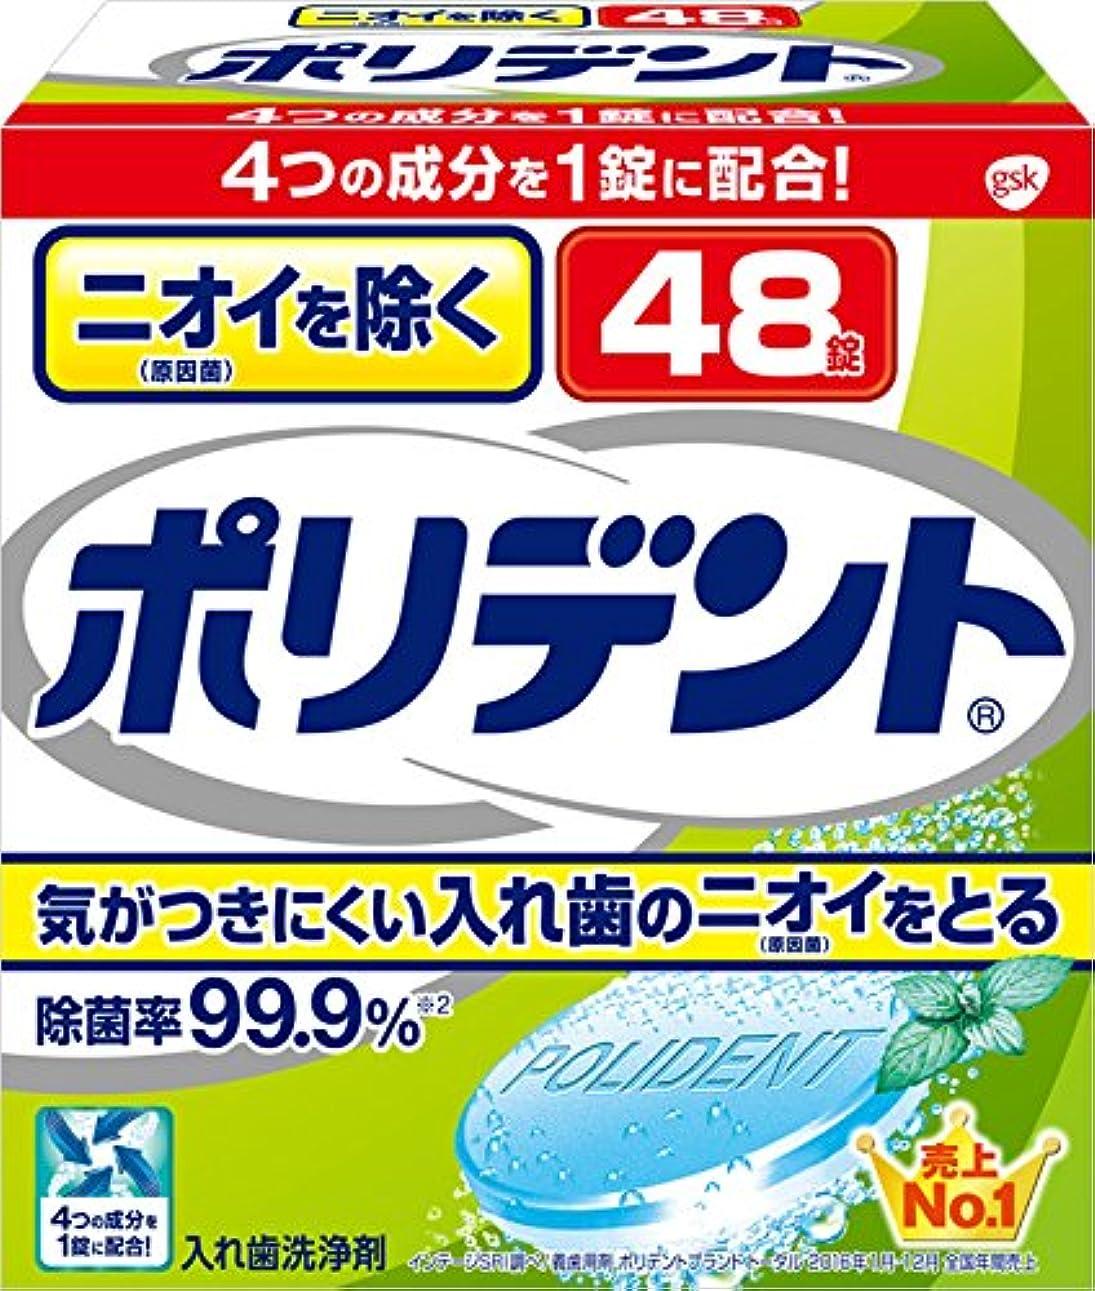 笑死失礼な入れ歯洗浄剤 ニオイを除く ポリデント 48錠